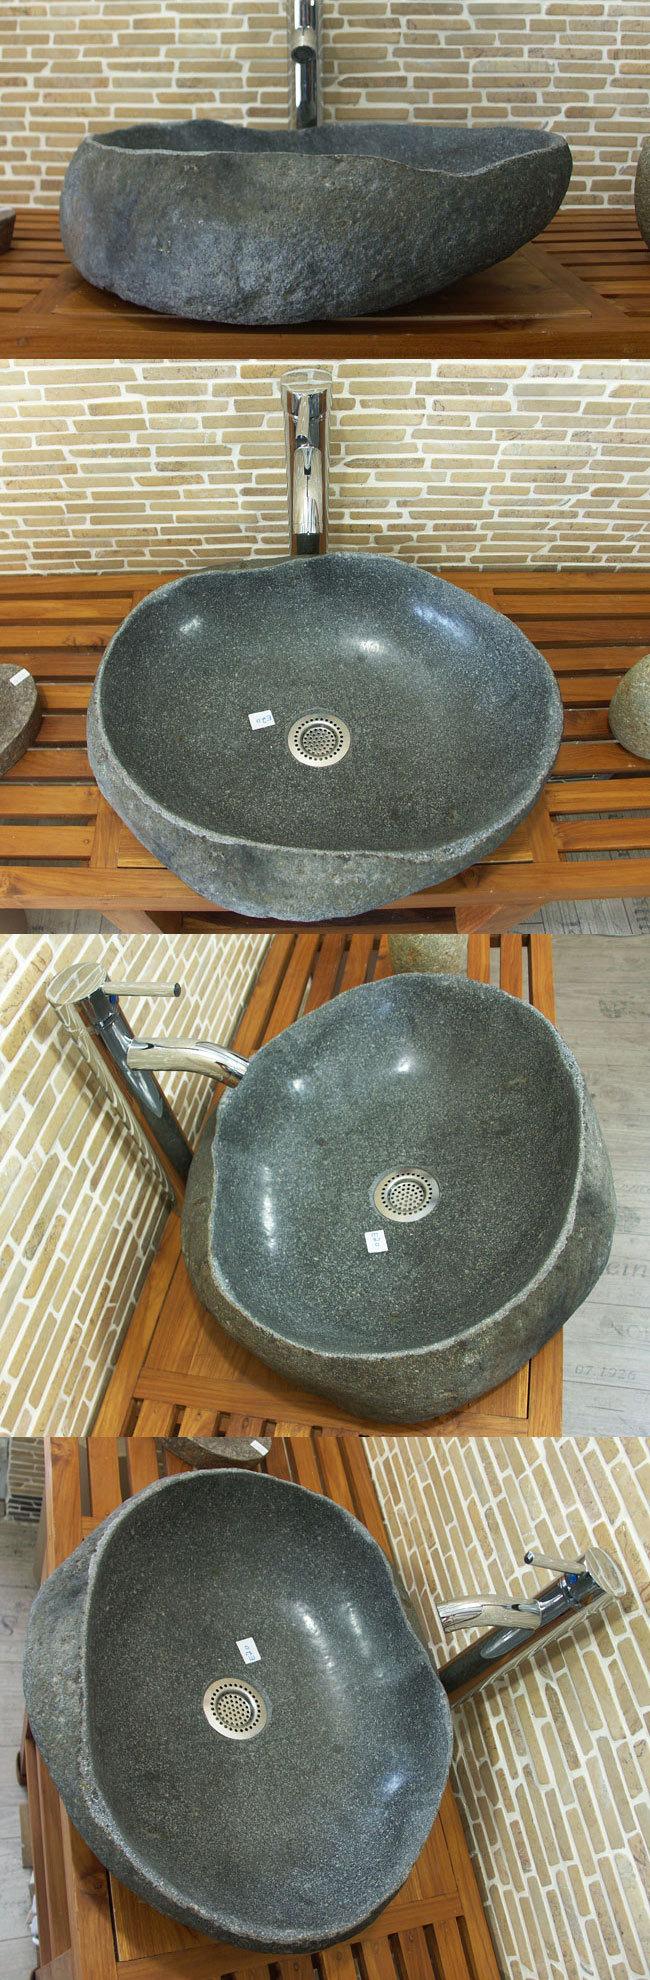 waschbecken aus flussstein bafs 20e ein unikat f r ihr bad. Black Bedroom Furniture Sets. Home Design Ideas